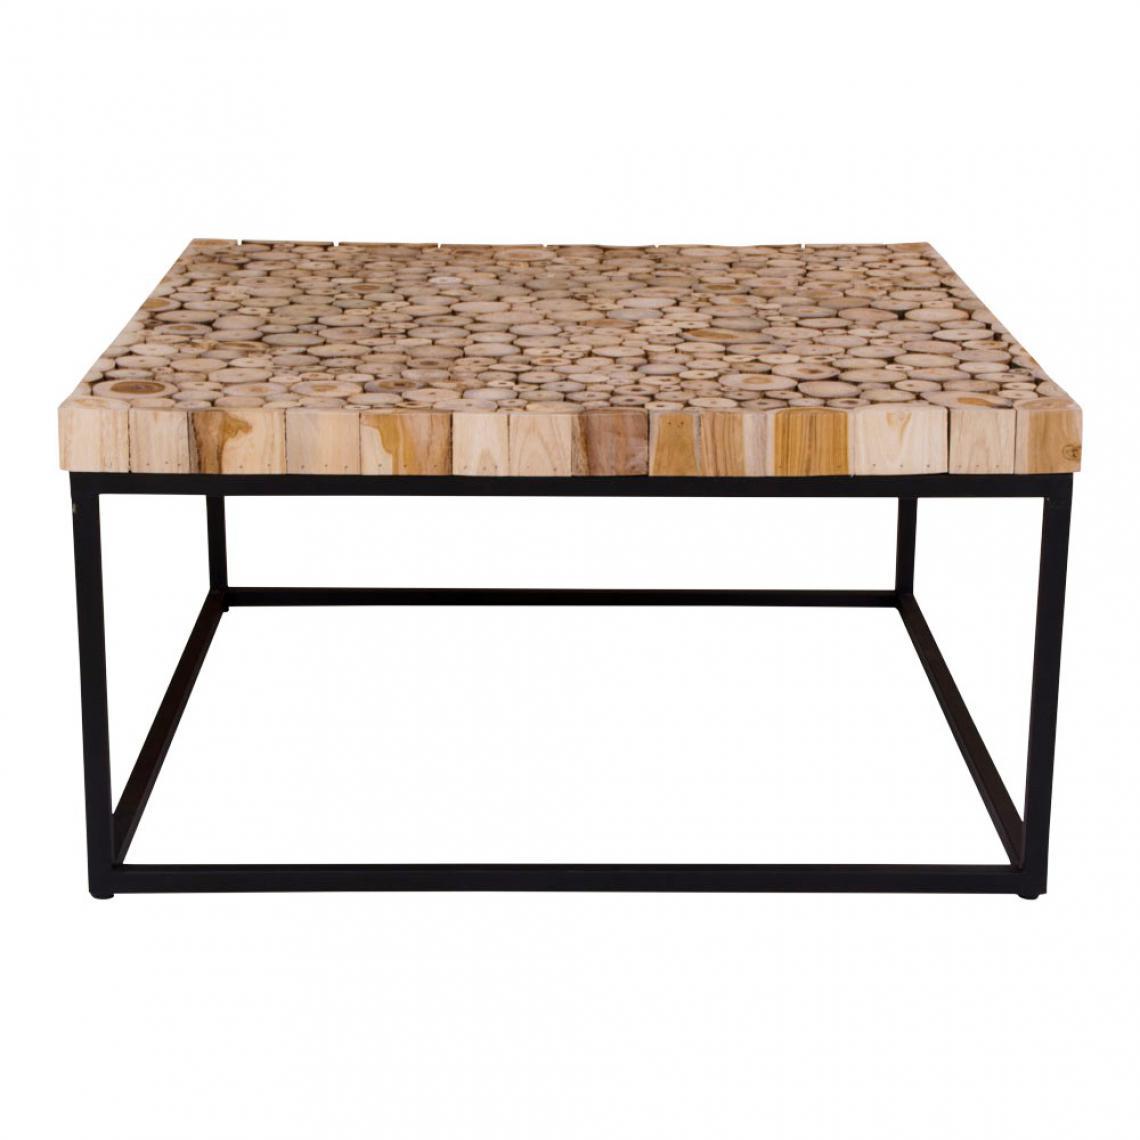 Table Basse En Bois Design Marty 3 Suisses